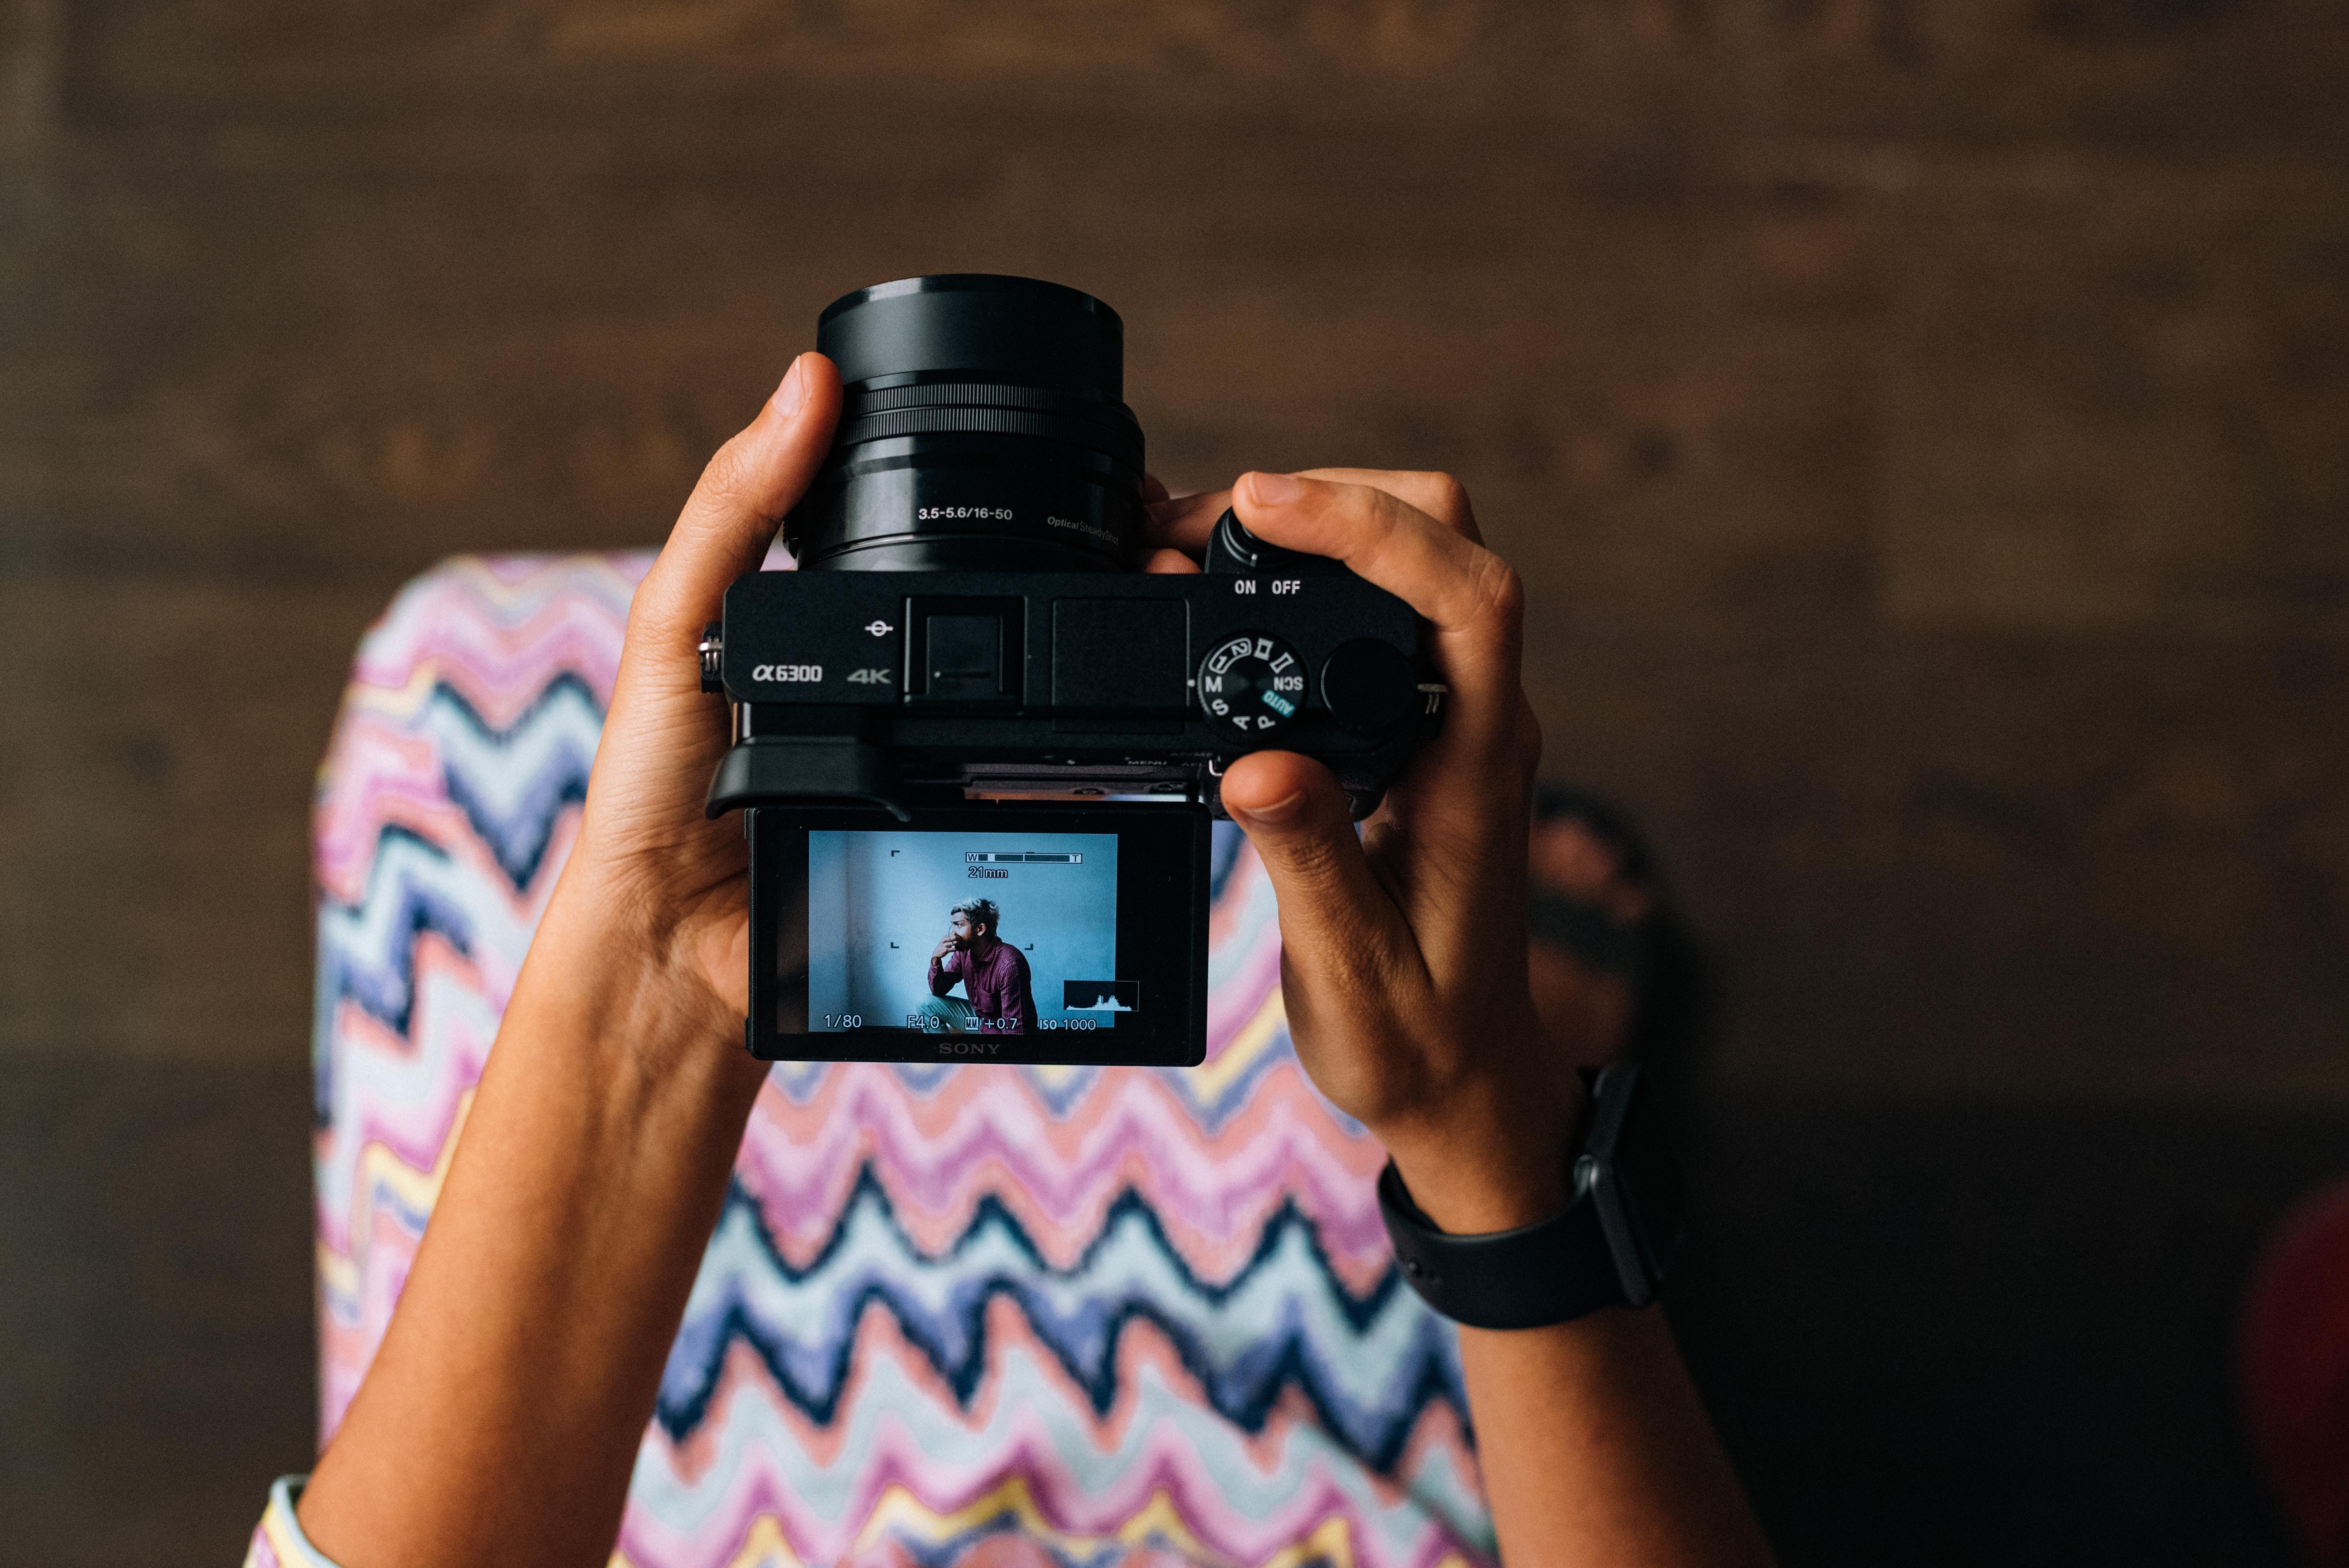 качеству как превратить хобби фотографа в бизнес фото большинстве европейских языков